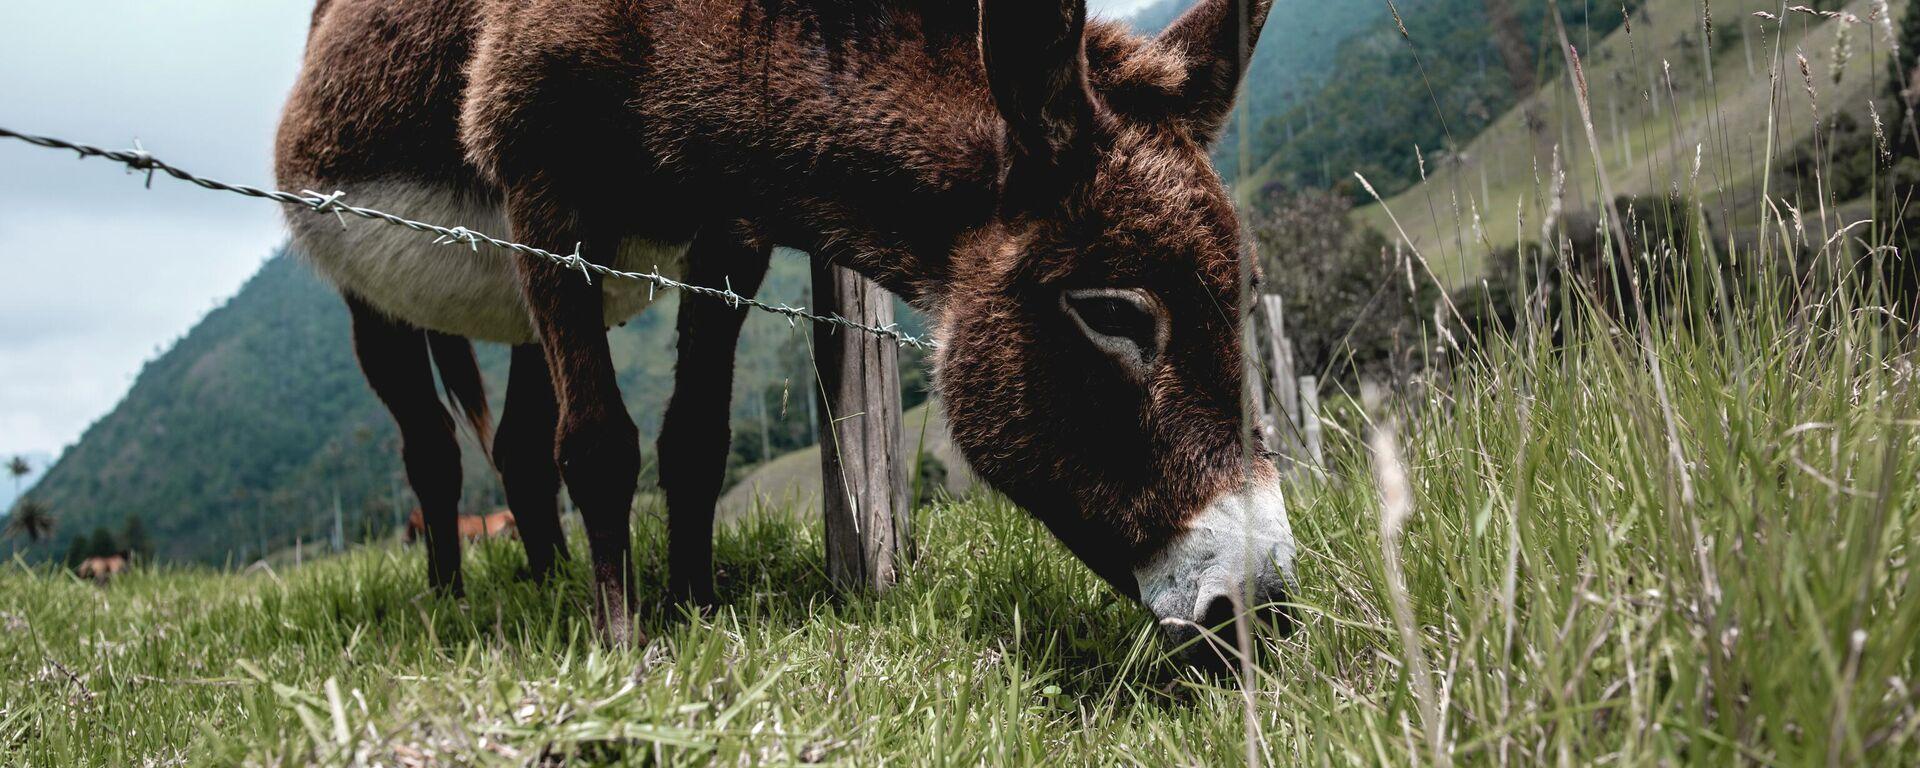 Un burro en el valle de Cócora, departamento de Quindío - Sputnik Mundo, 1920, 01.07.2021